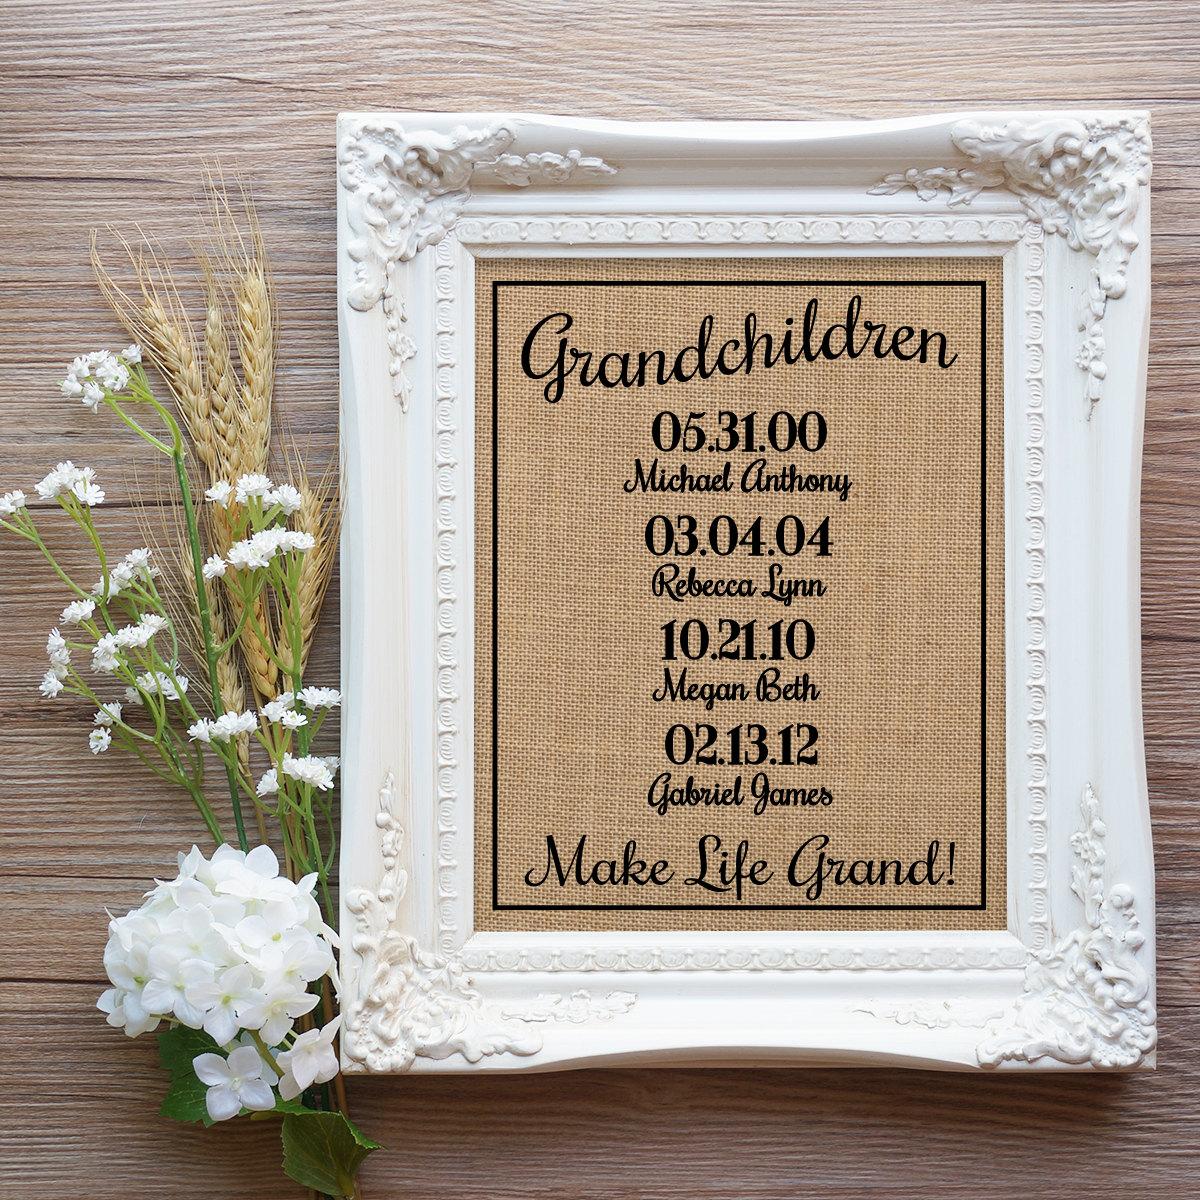 Weihnachts-Geschenk für Oma Opa Weihnachtsgeschenk Mom | Etsy